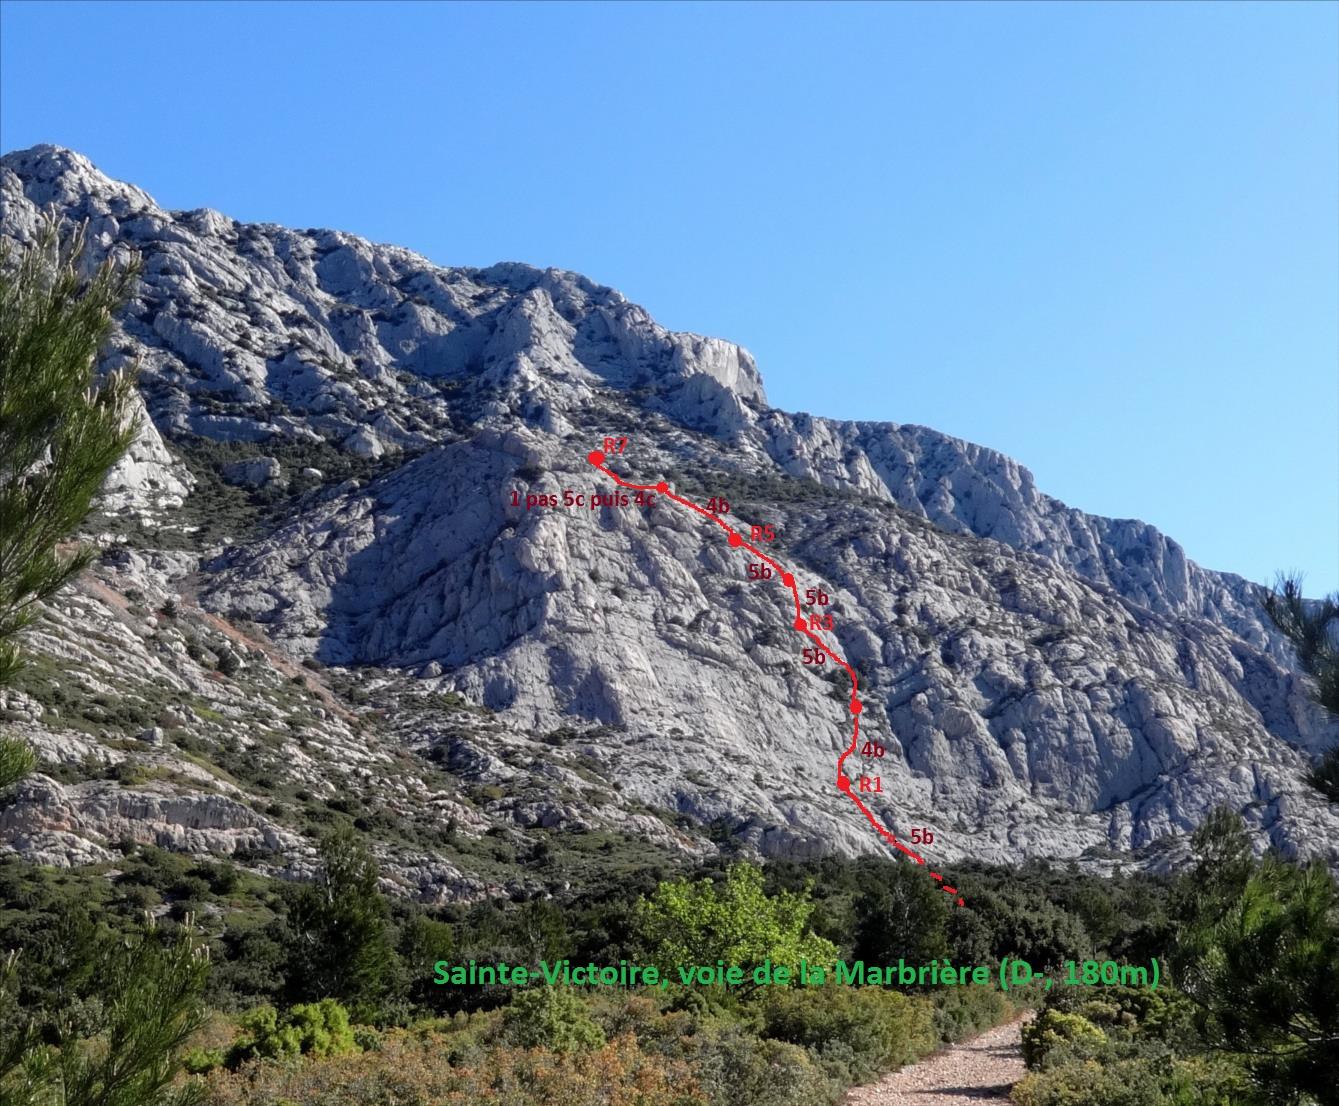 Voie de la marbrière, montagne Sainte-Victoire, Provence